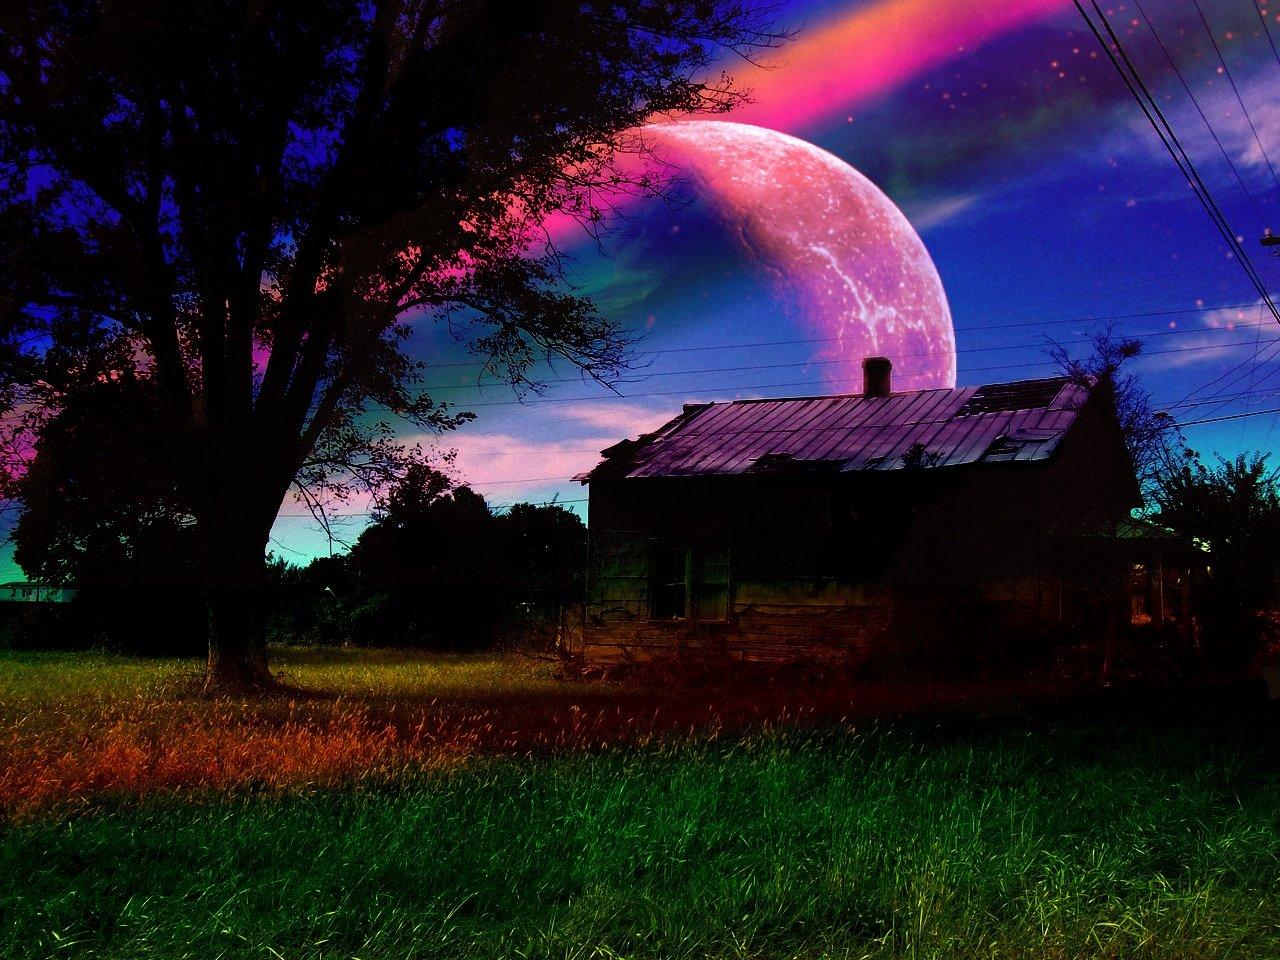 Dreaming by DarkAngelsRhapsody